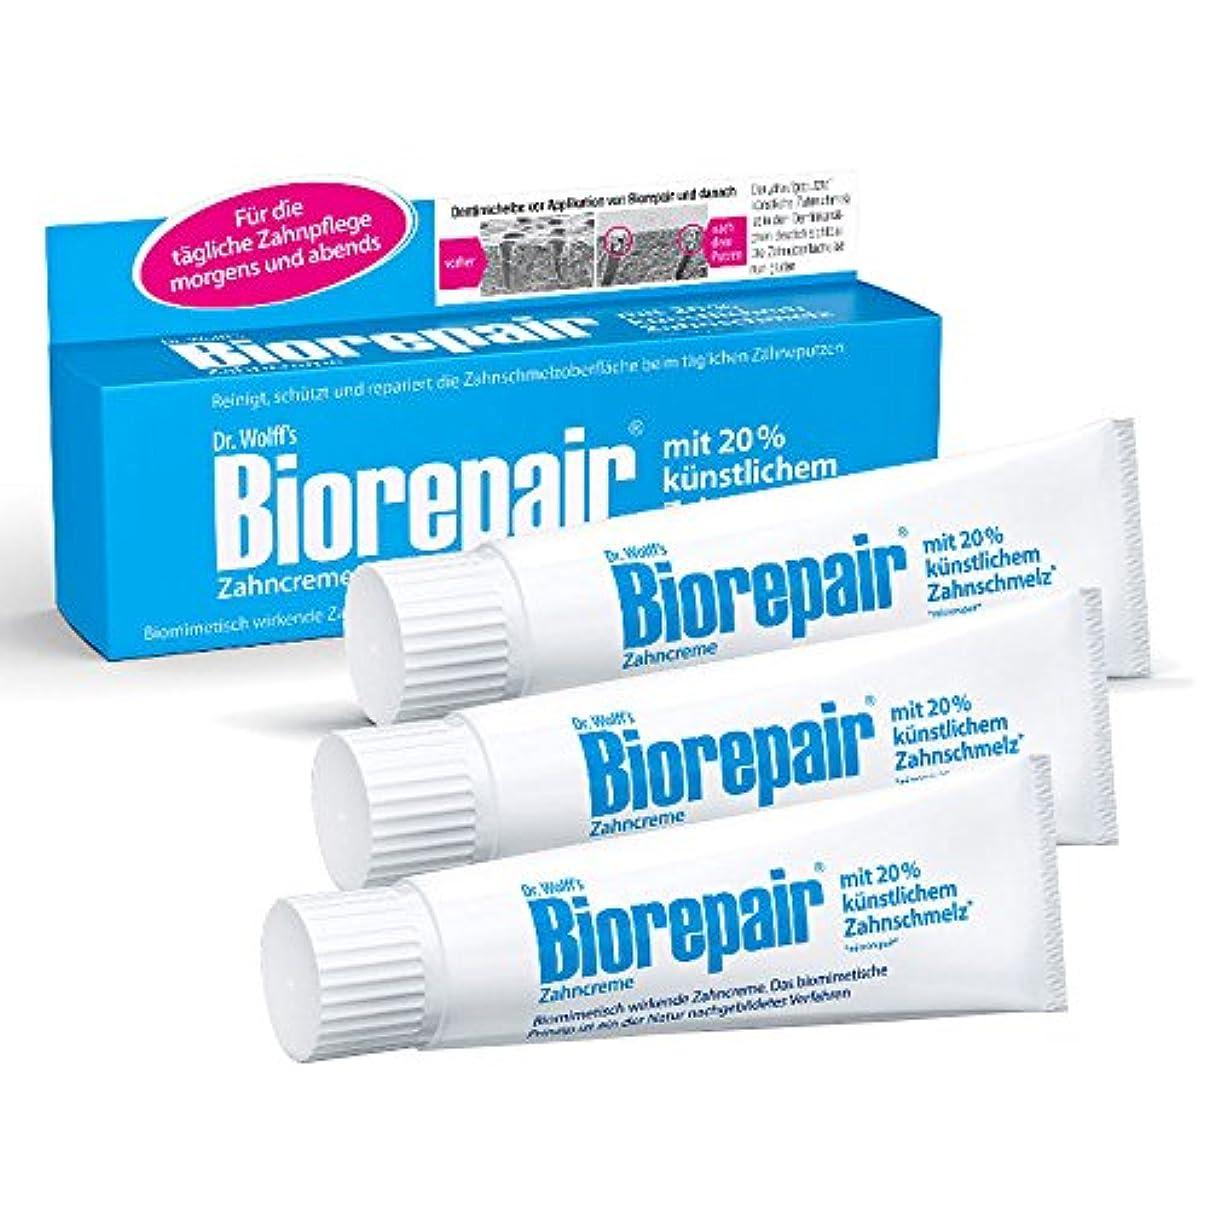 美容師ブラスト周りBiorepair 歯磨き粉オリジナル、75ml 歯の保護 耐摩耗性 x 3 [並行輸入品]